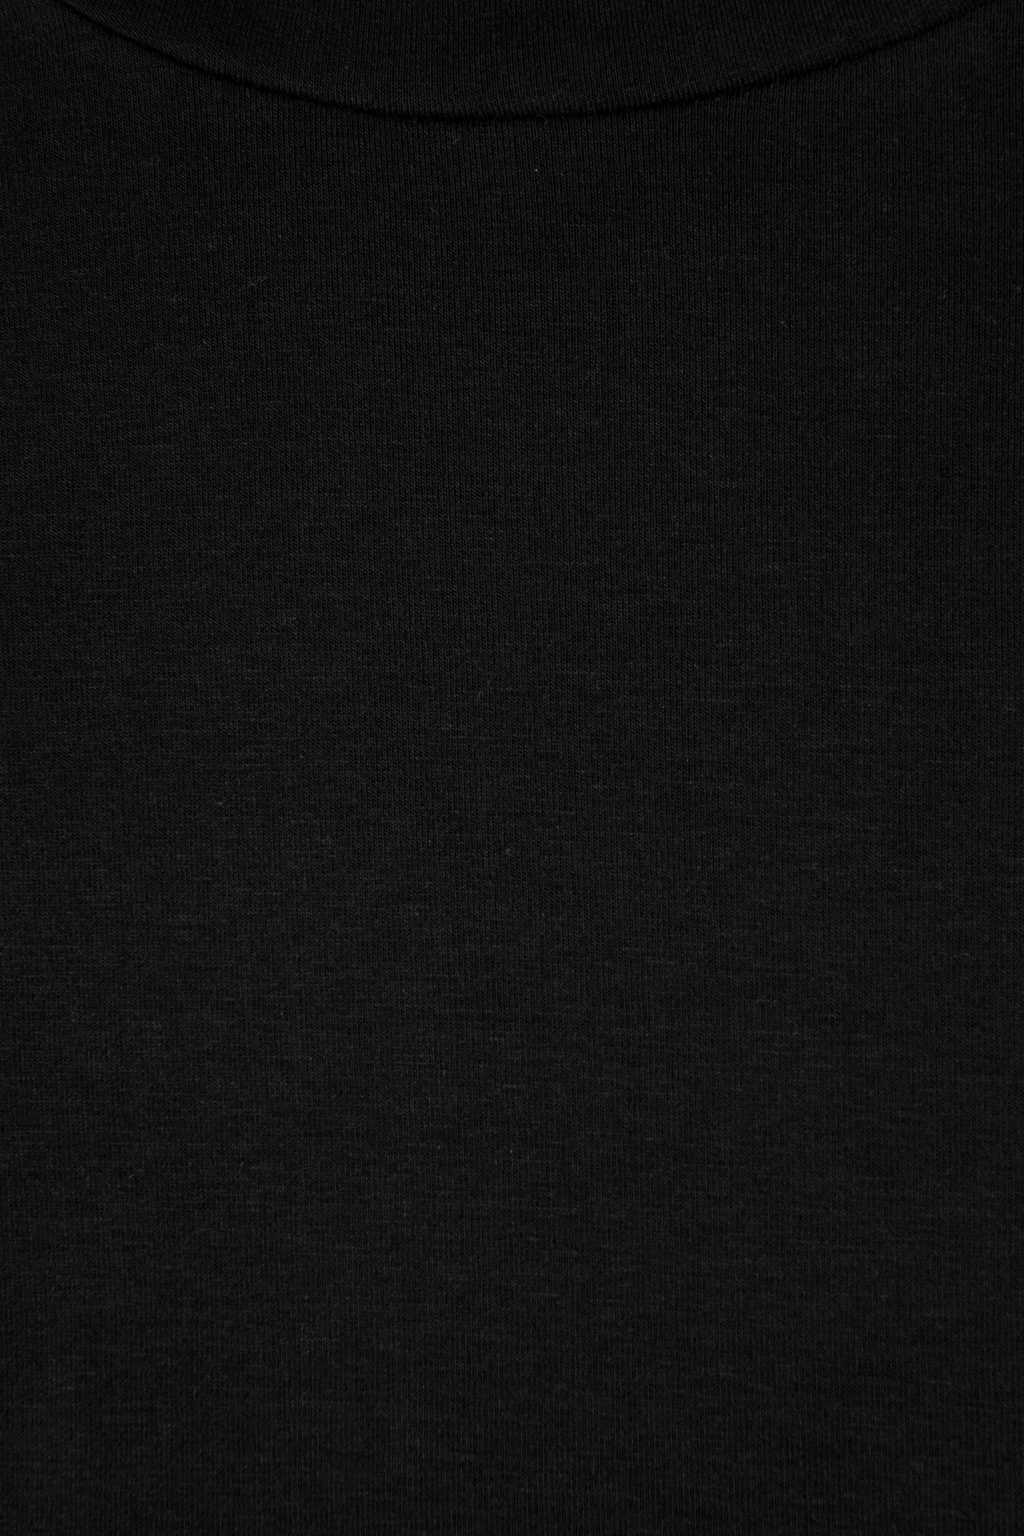 TShirt 2789 Black 12